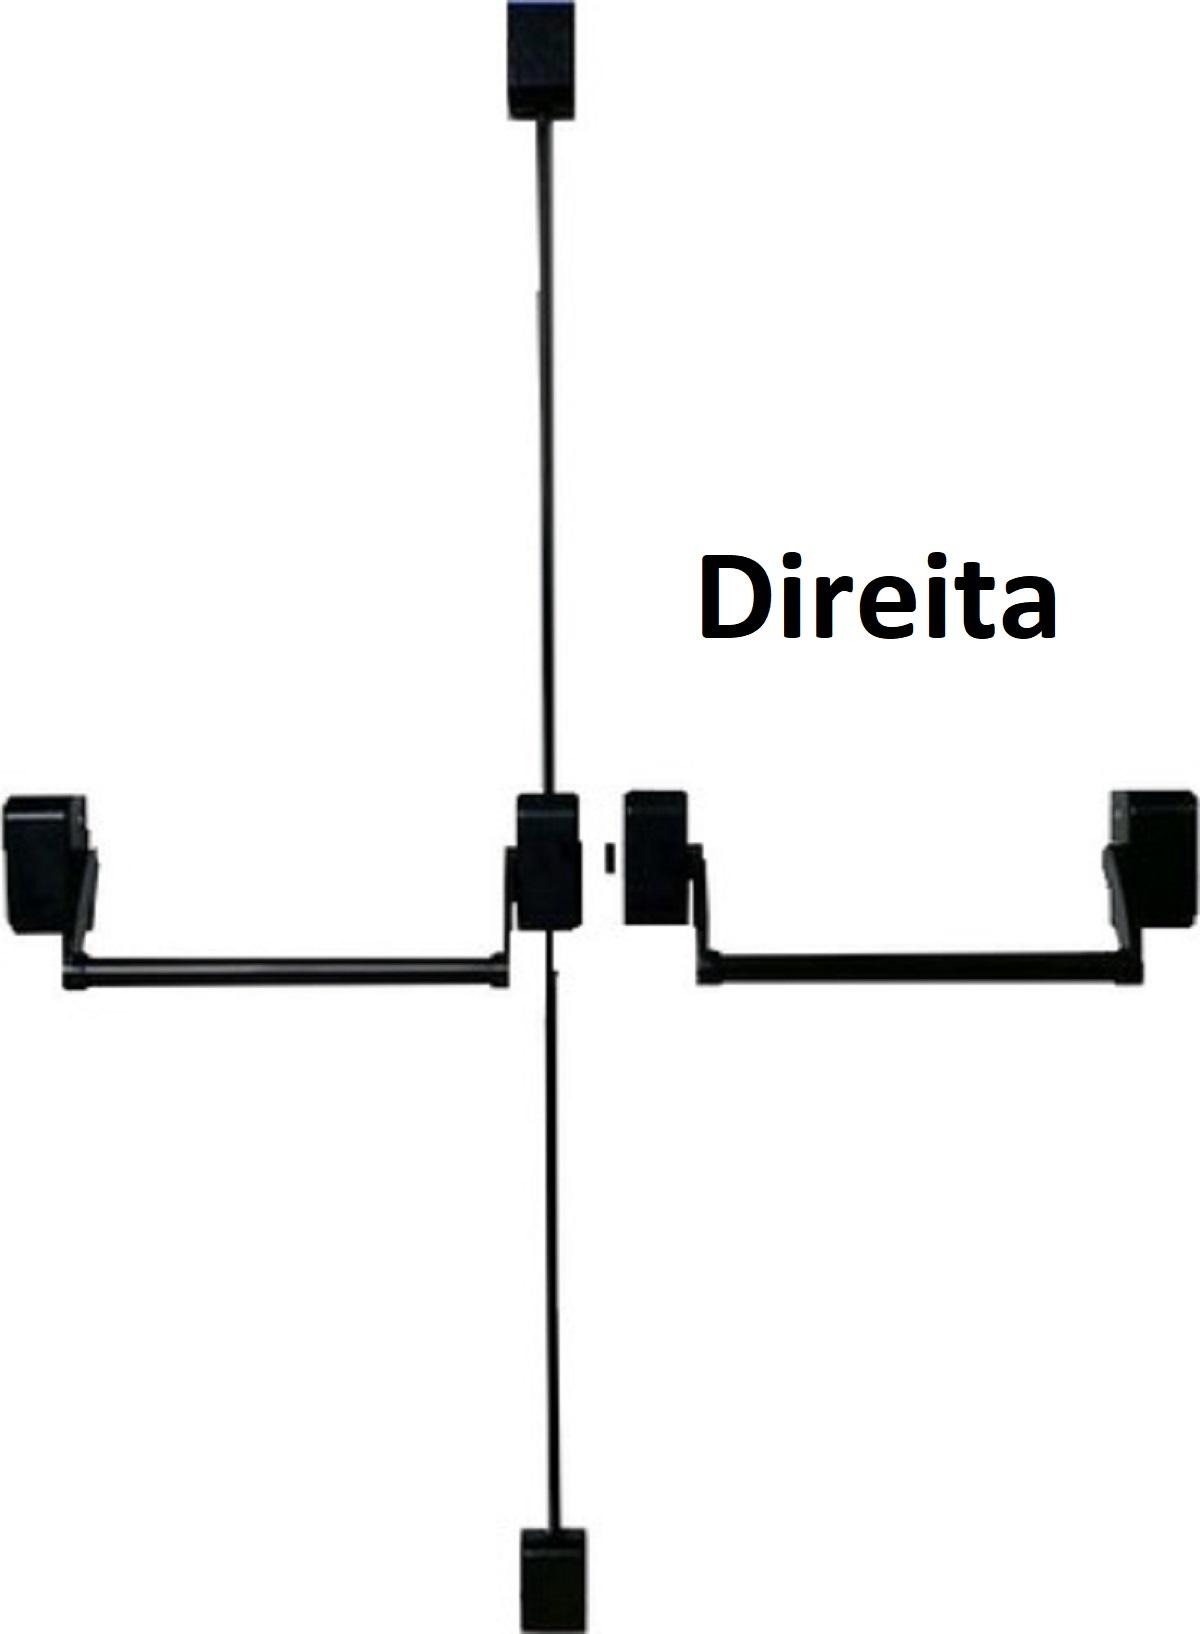 Barra AntiPânico dupla para Porta Com Fechadura com Chave Maçaneta externa